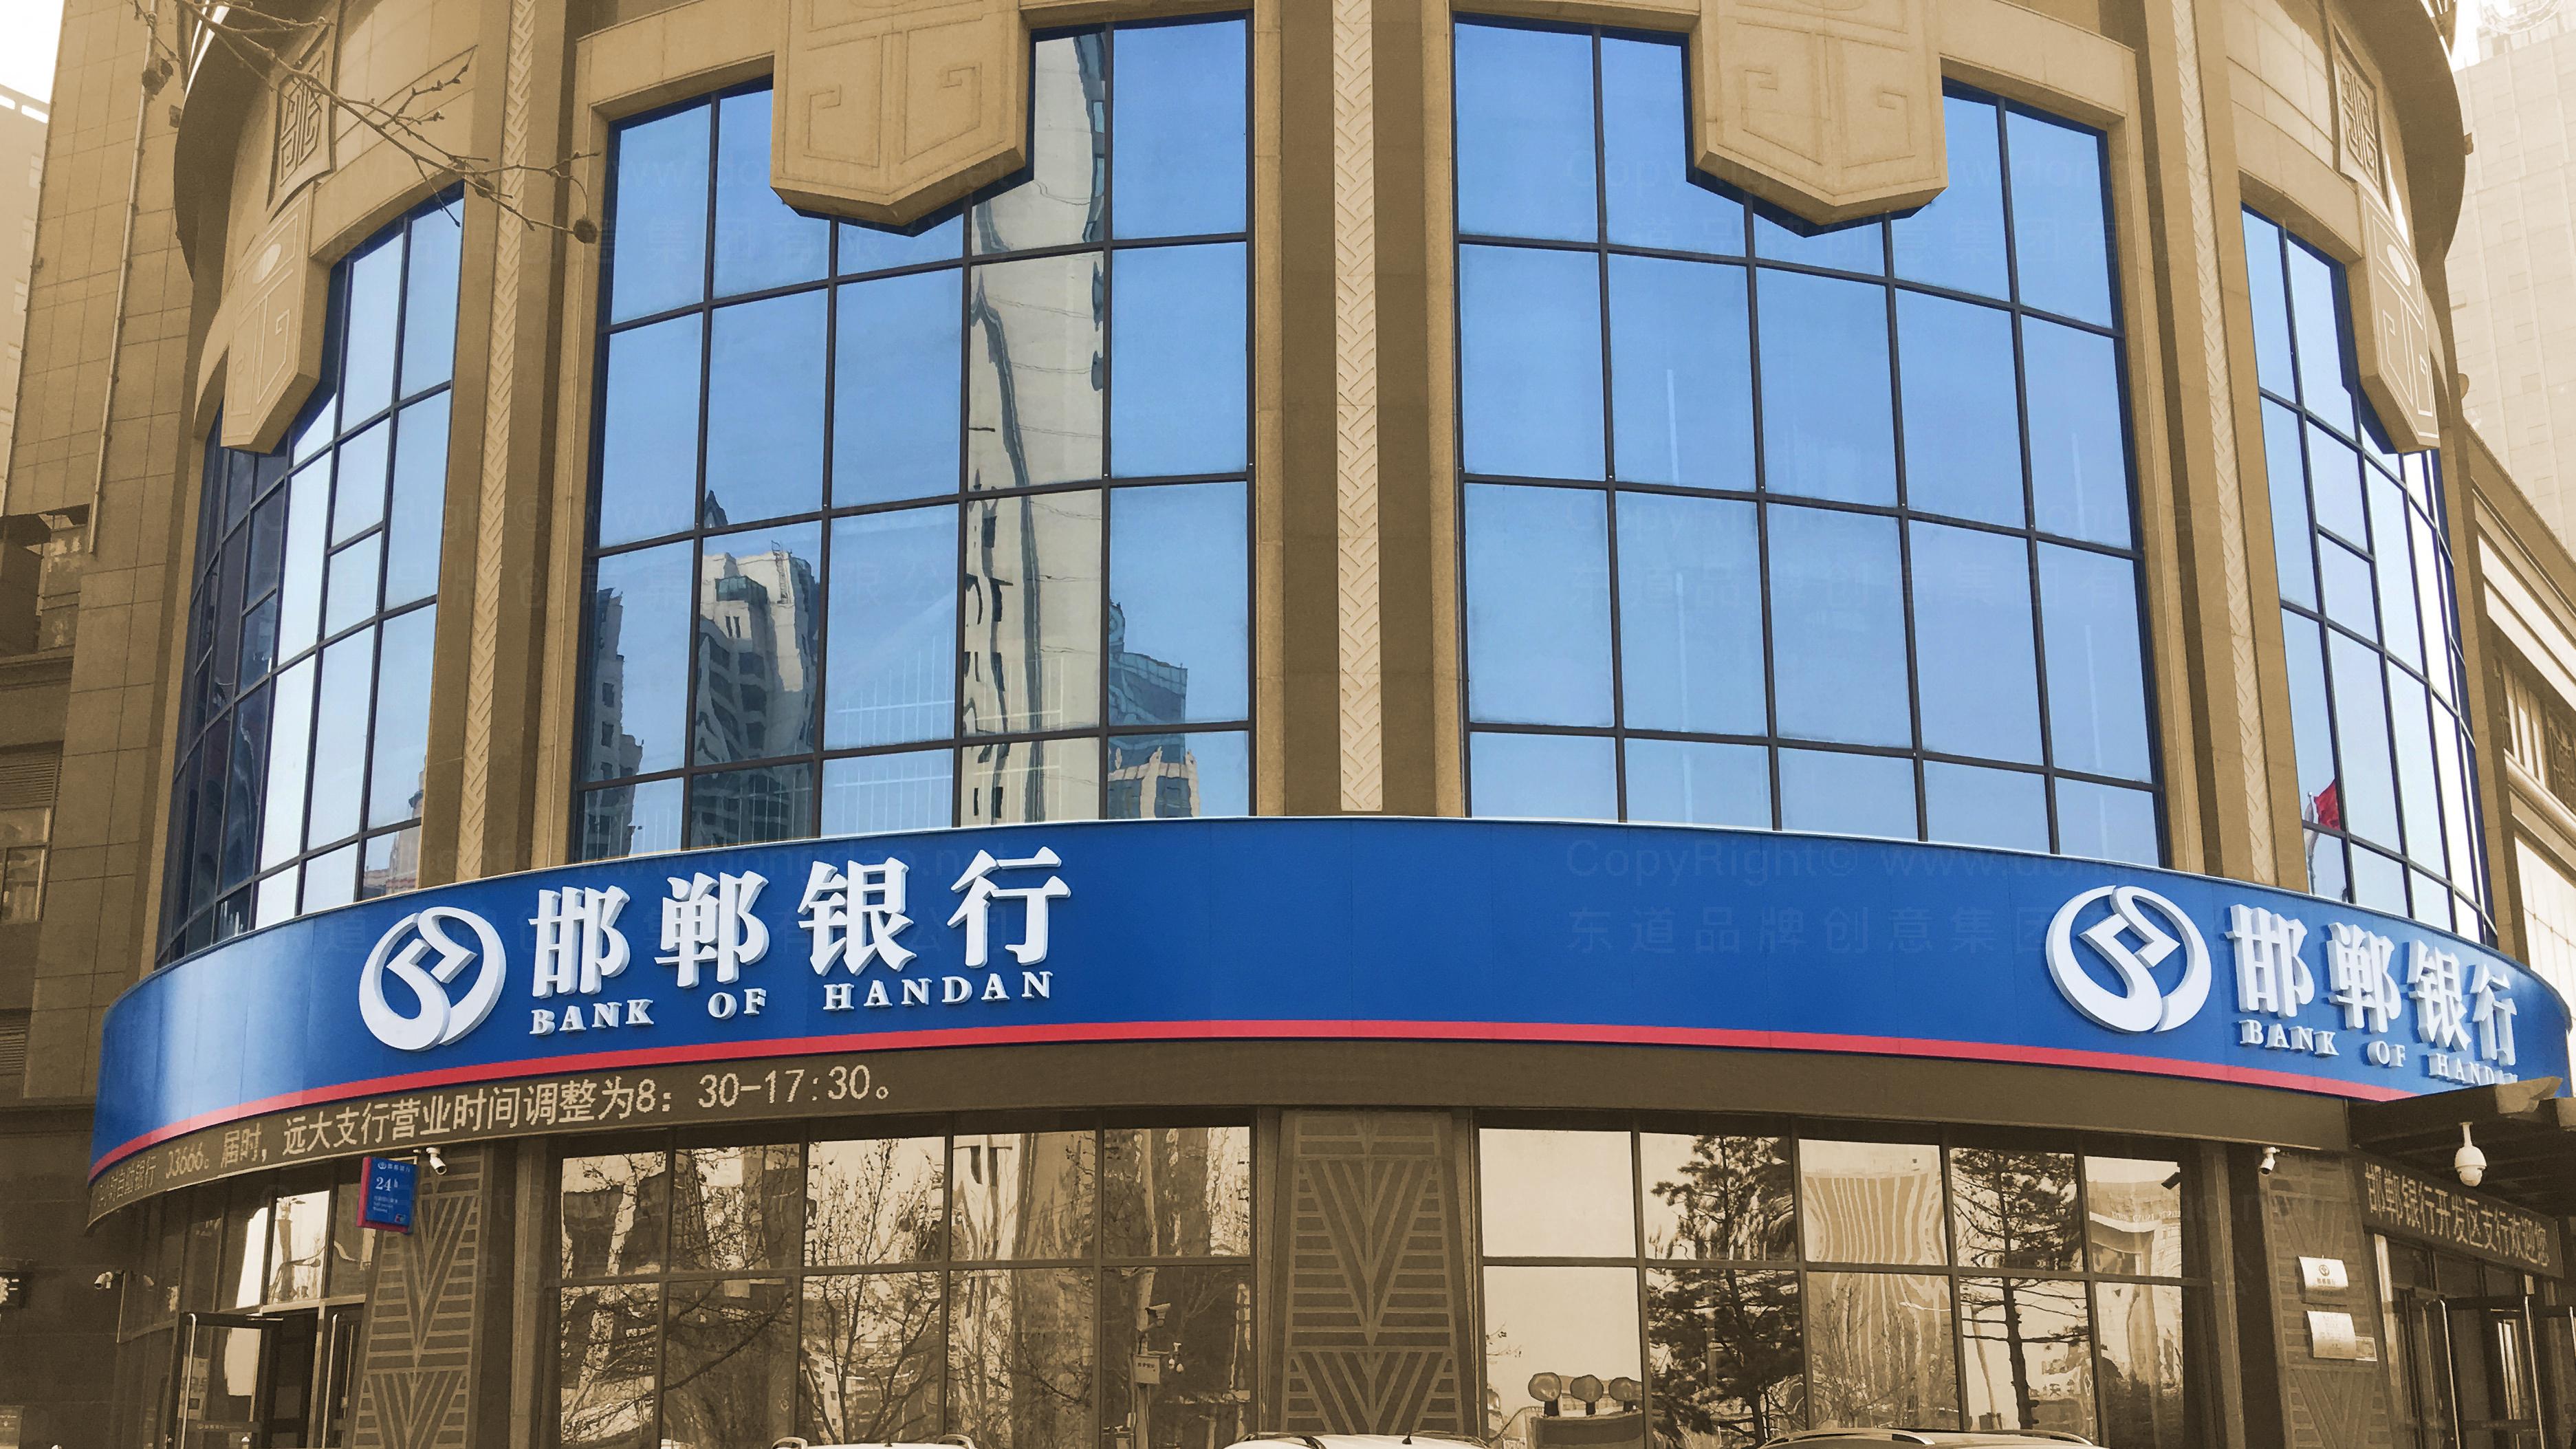 落地工程邯郸银行标识工程应用场景_20